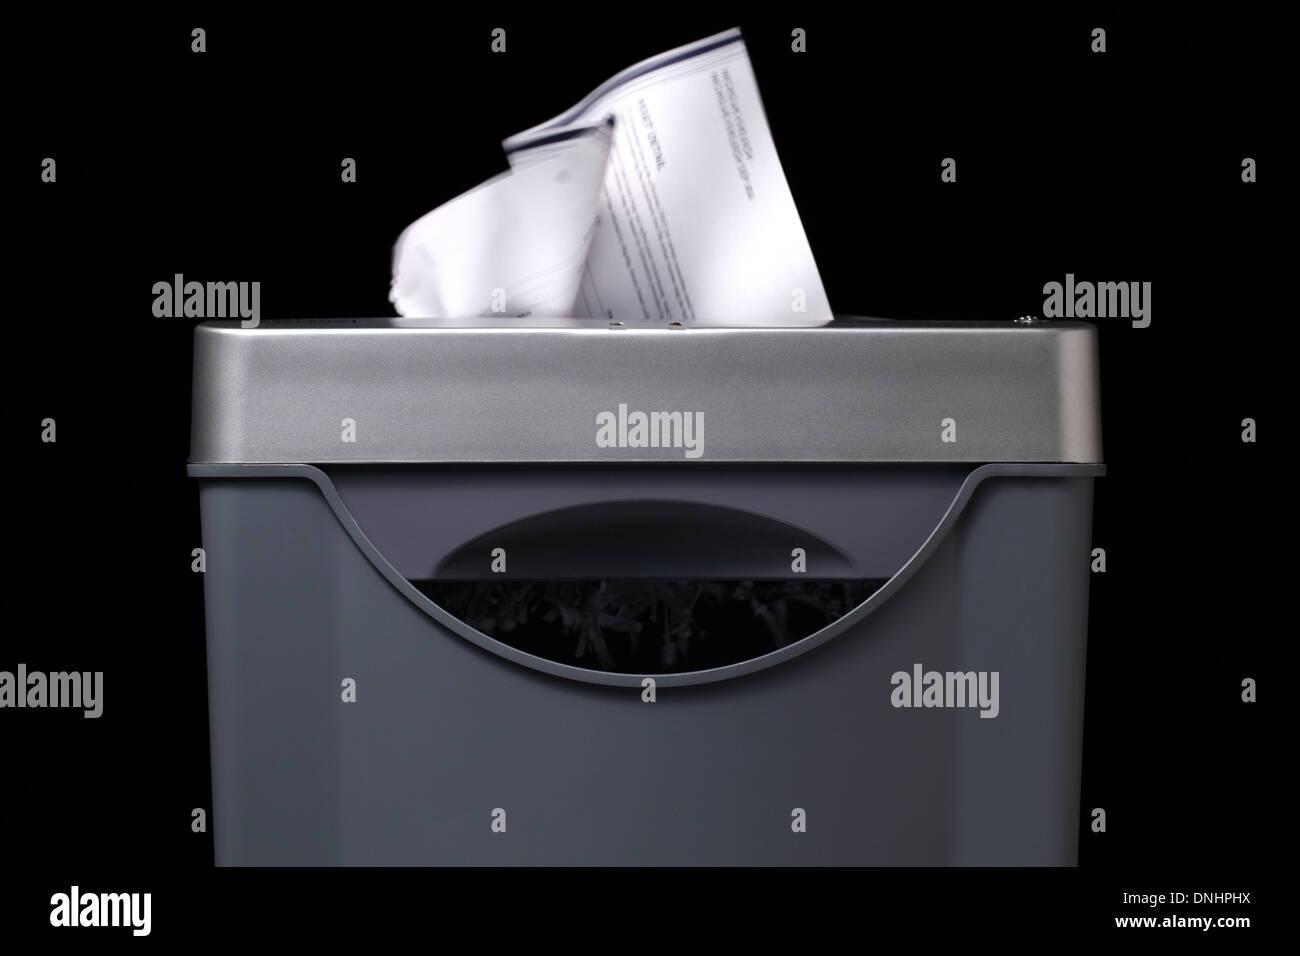 Una vista cercana de una trituradora de papel con papel va por dentro. Imagen De Stock